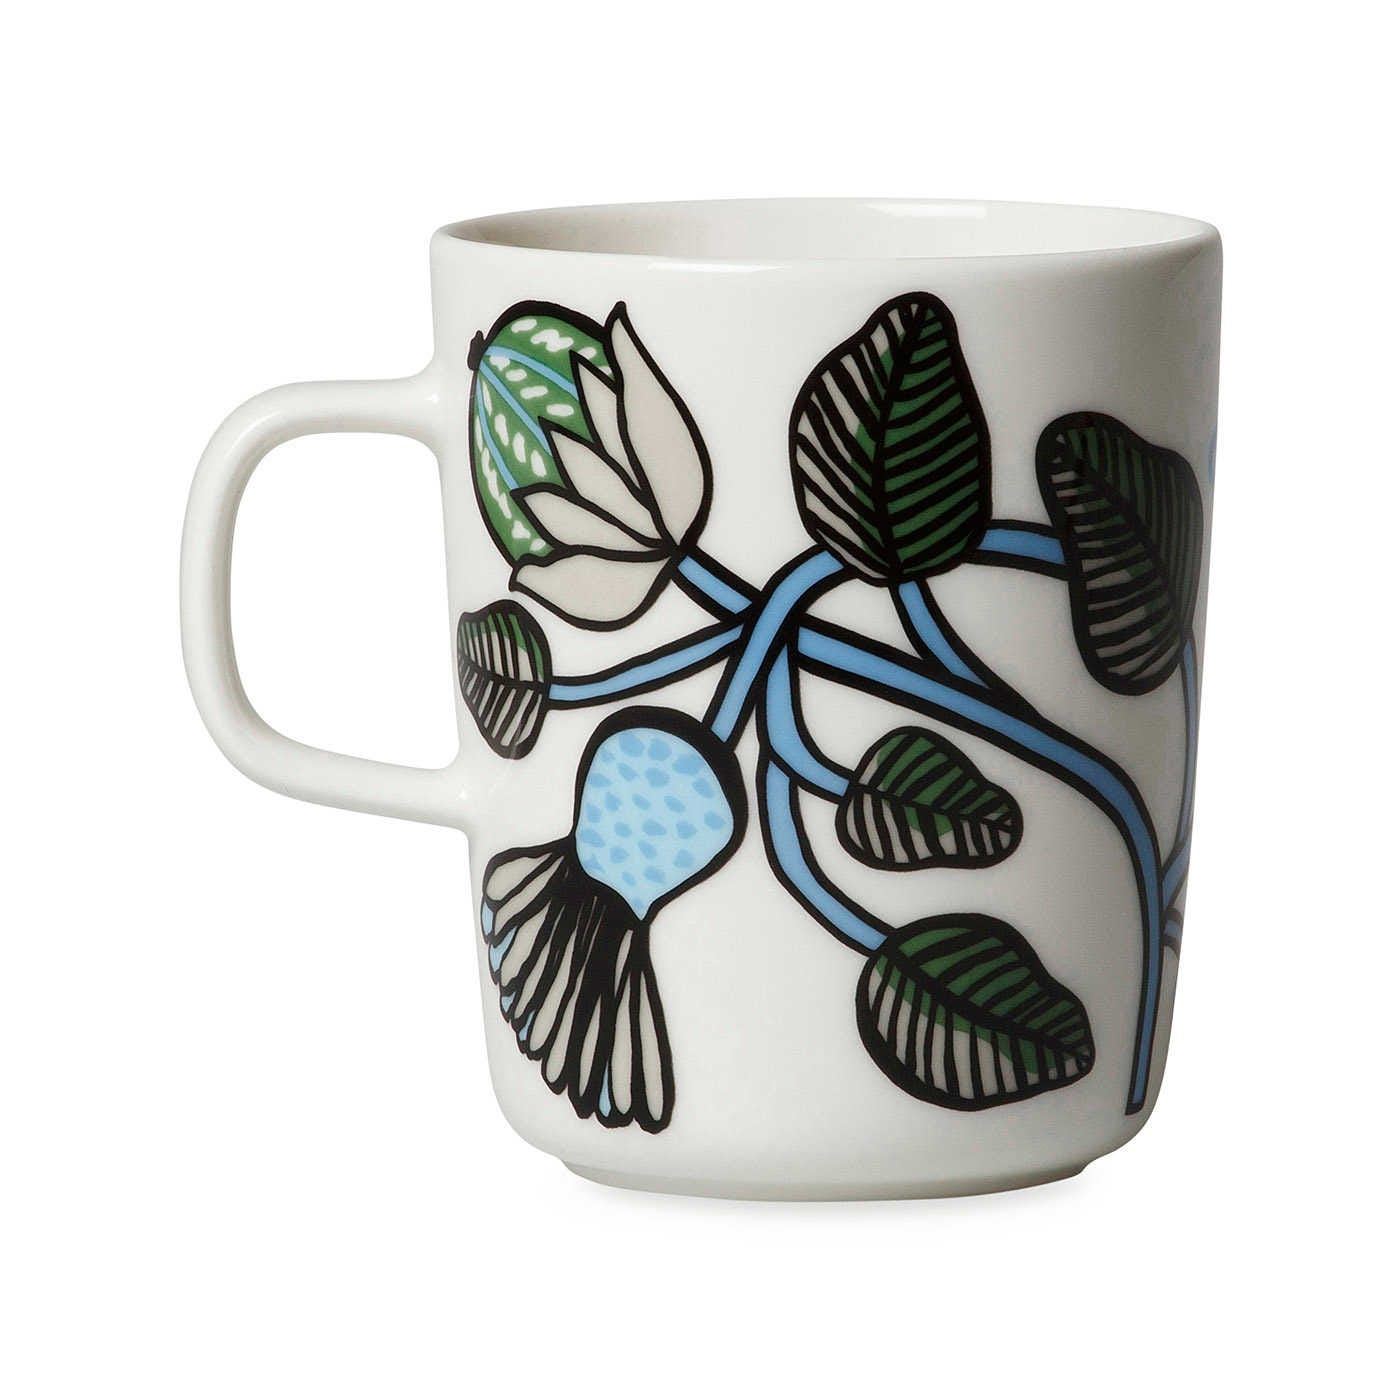 Tiara mug